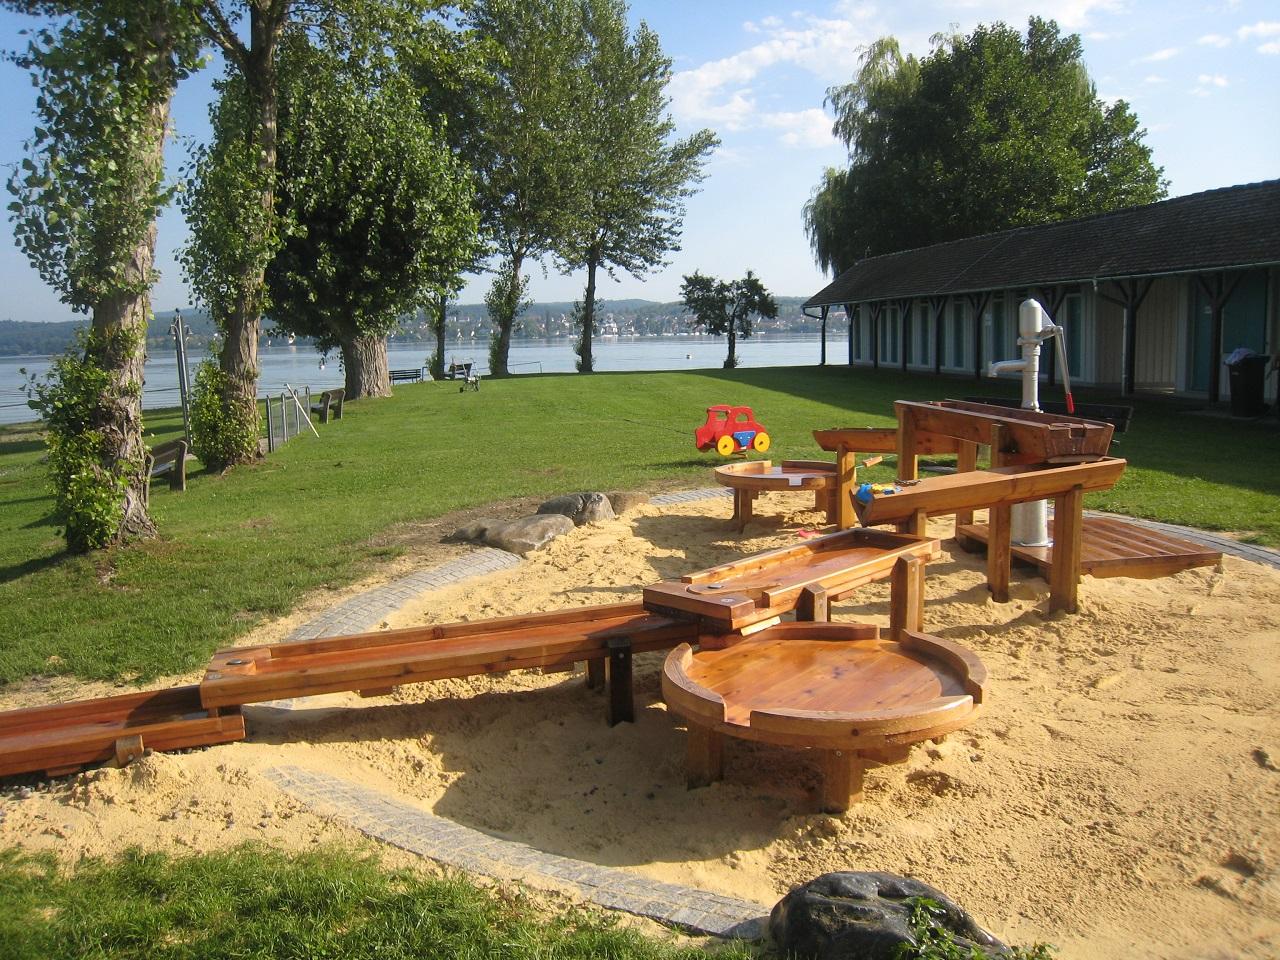 Strandbad mit Spielplatz